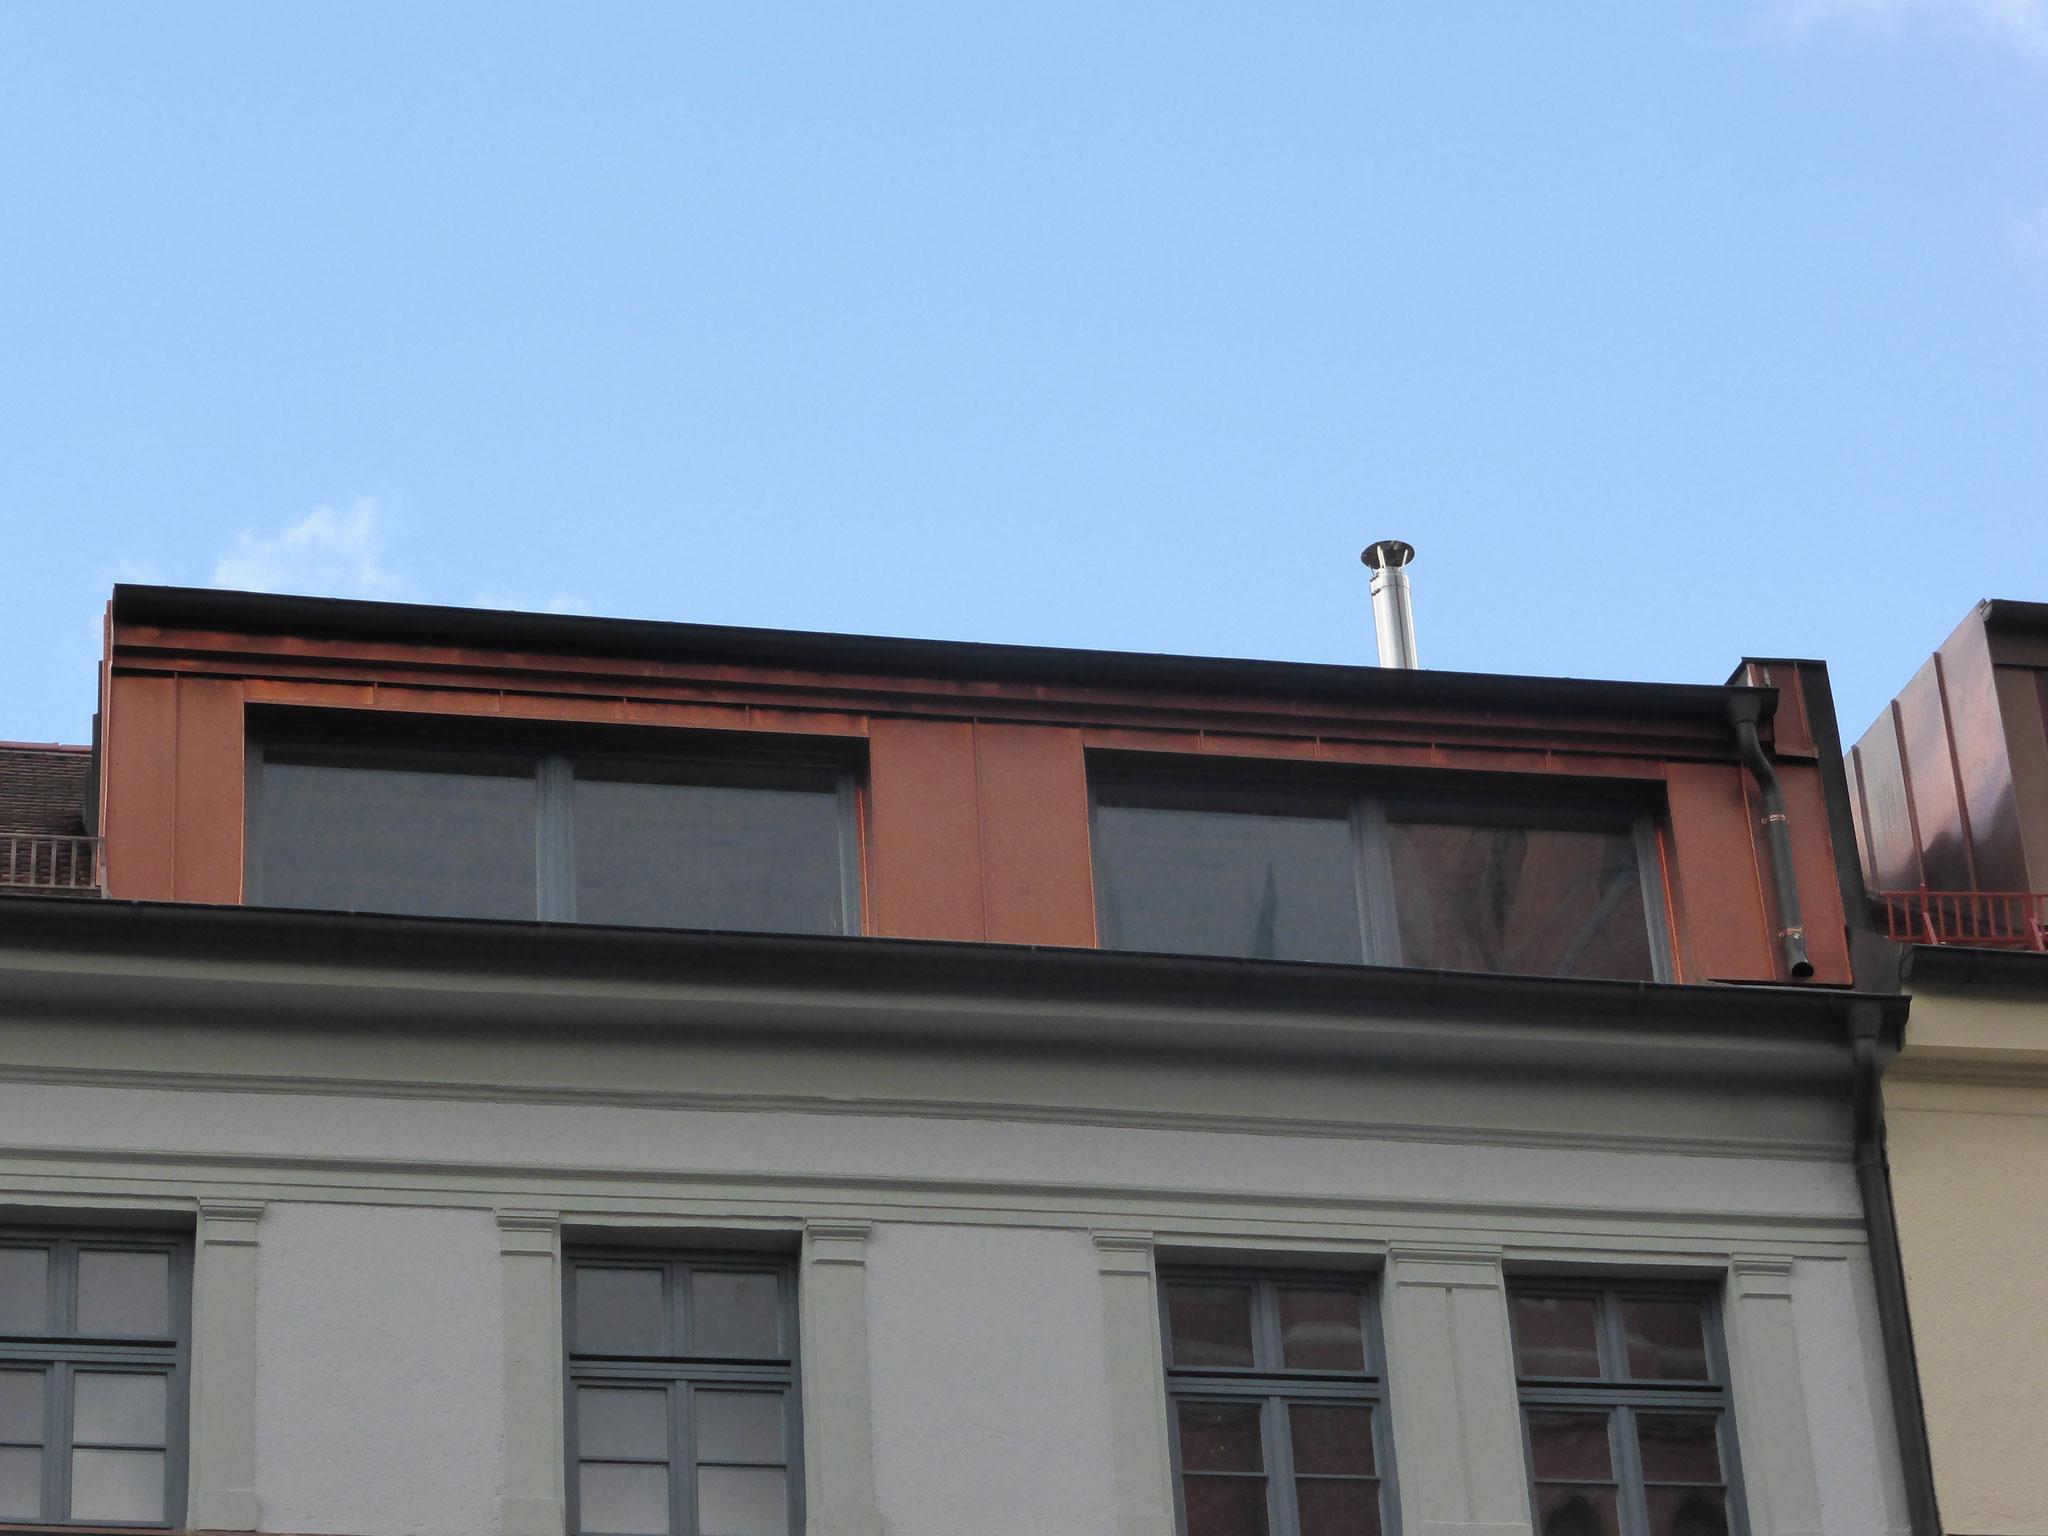 Dachgaubenfront aus Kupfer bei einer Altbausanierung erneuert